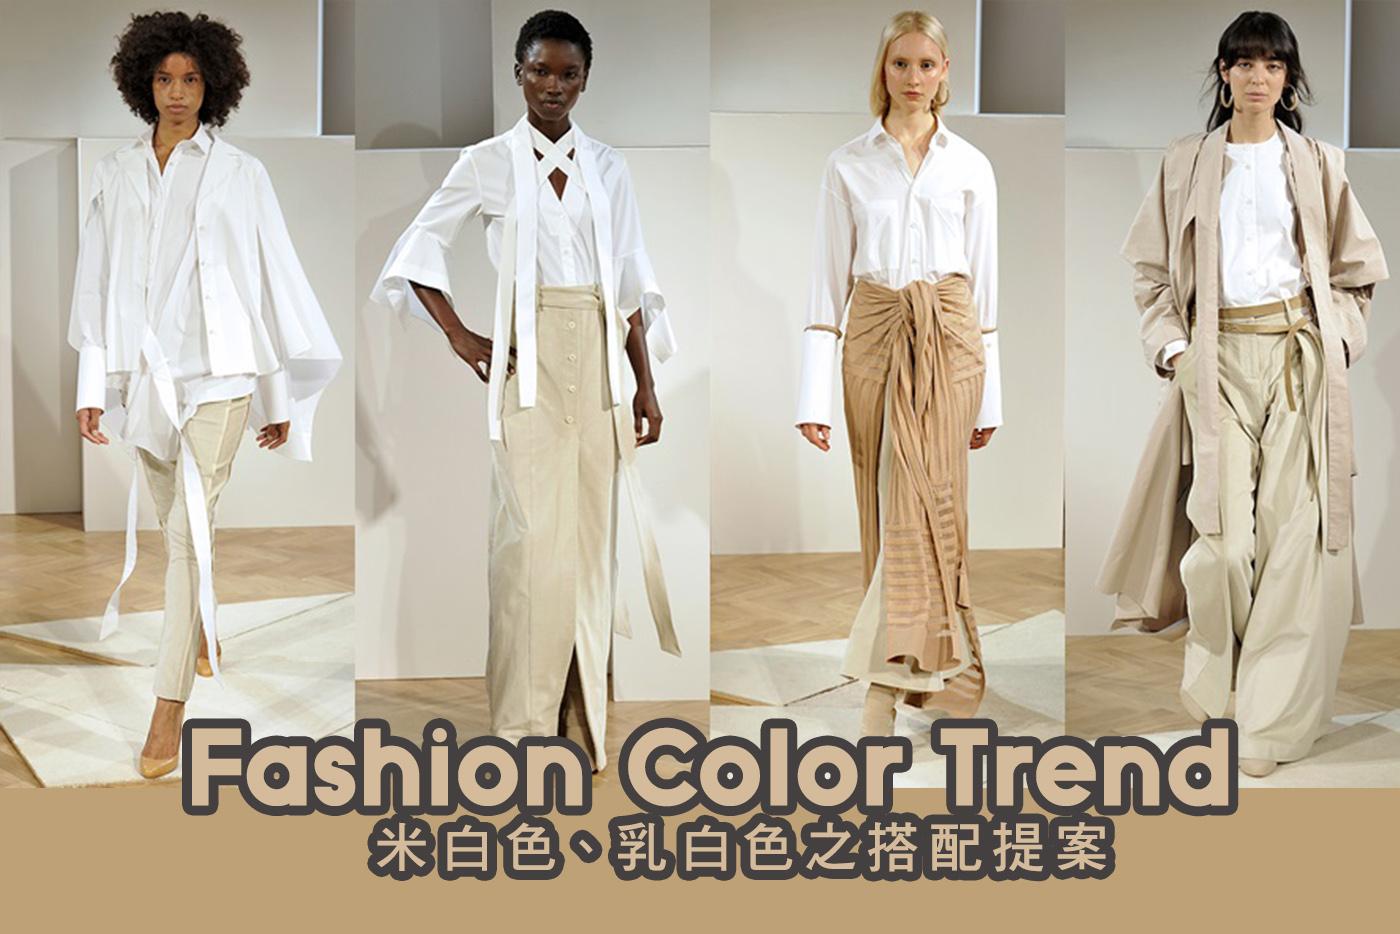 2021色彩趨勢,2021顏色趨勢,2021流行色,2021春夏流行趨勢,2021春夏趨勢,2021春夏服裝,2021服裝趨勢,服裝趨勢,2021流行,2021男裝,2021女裝,2021趨勢,米白色趨勢,乳白色趨勢